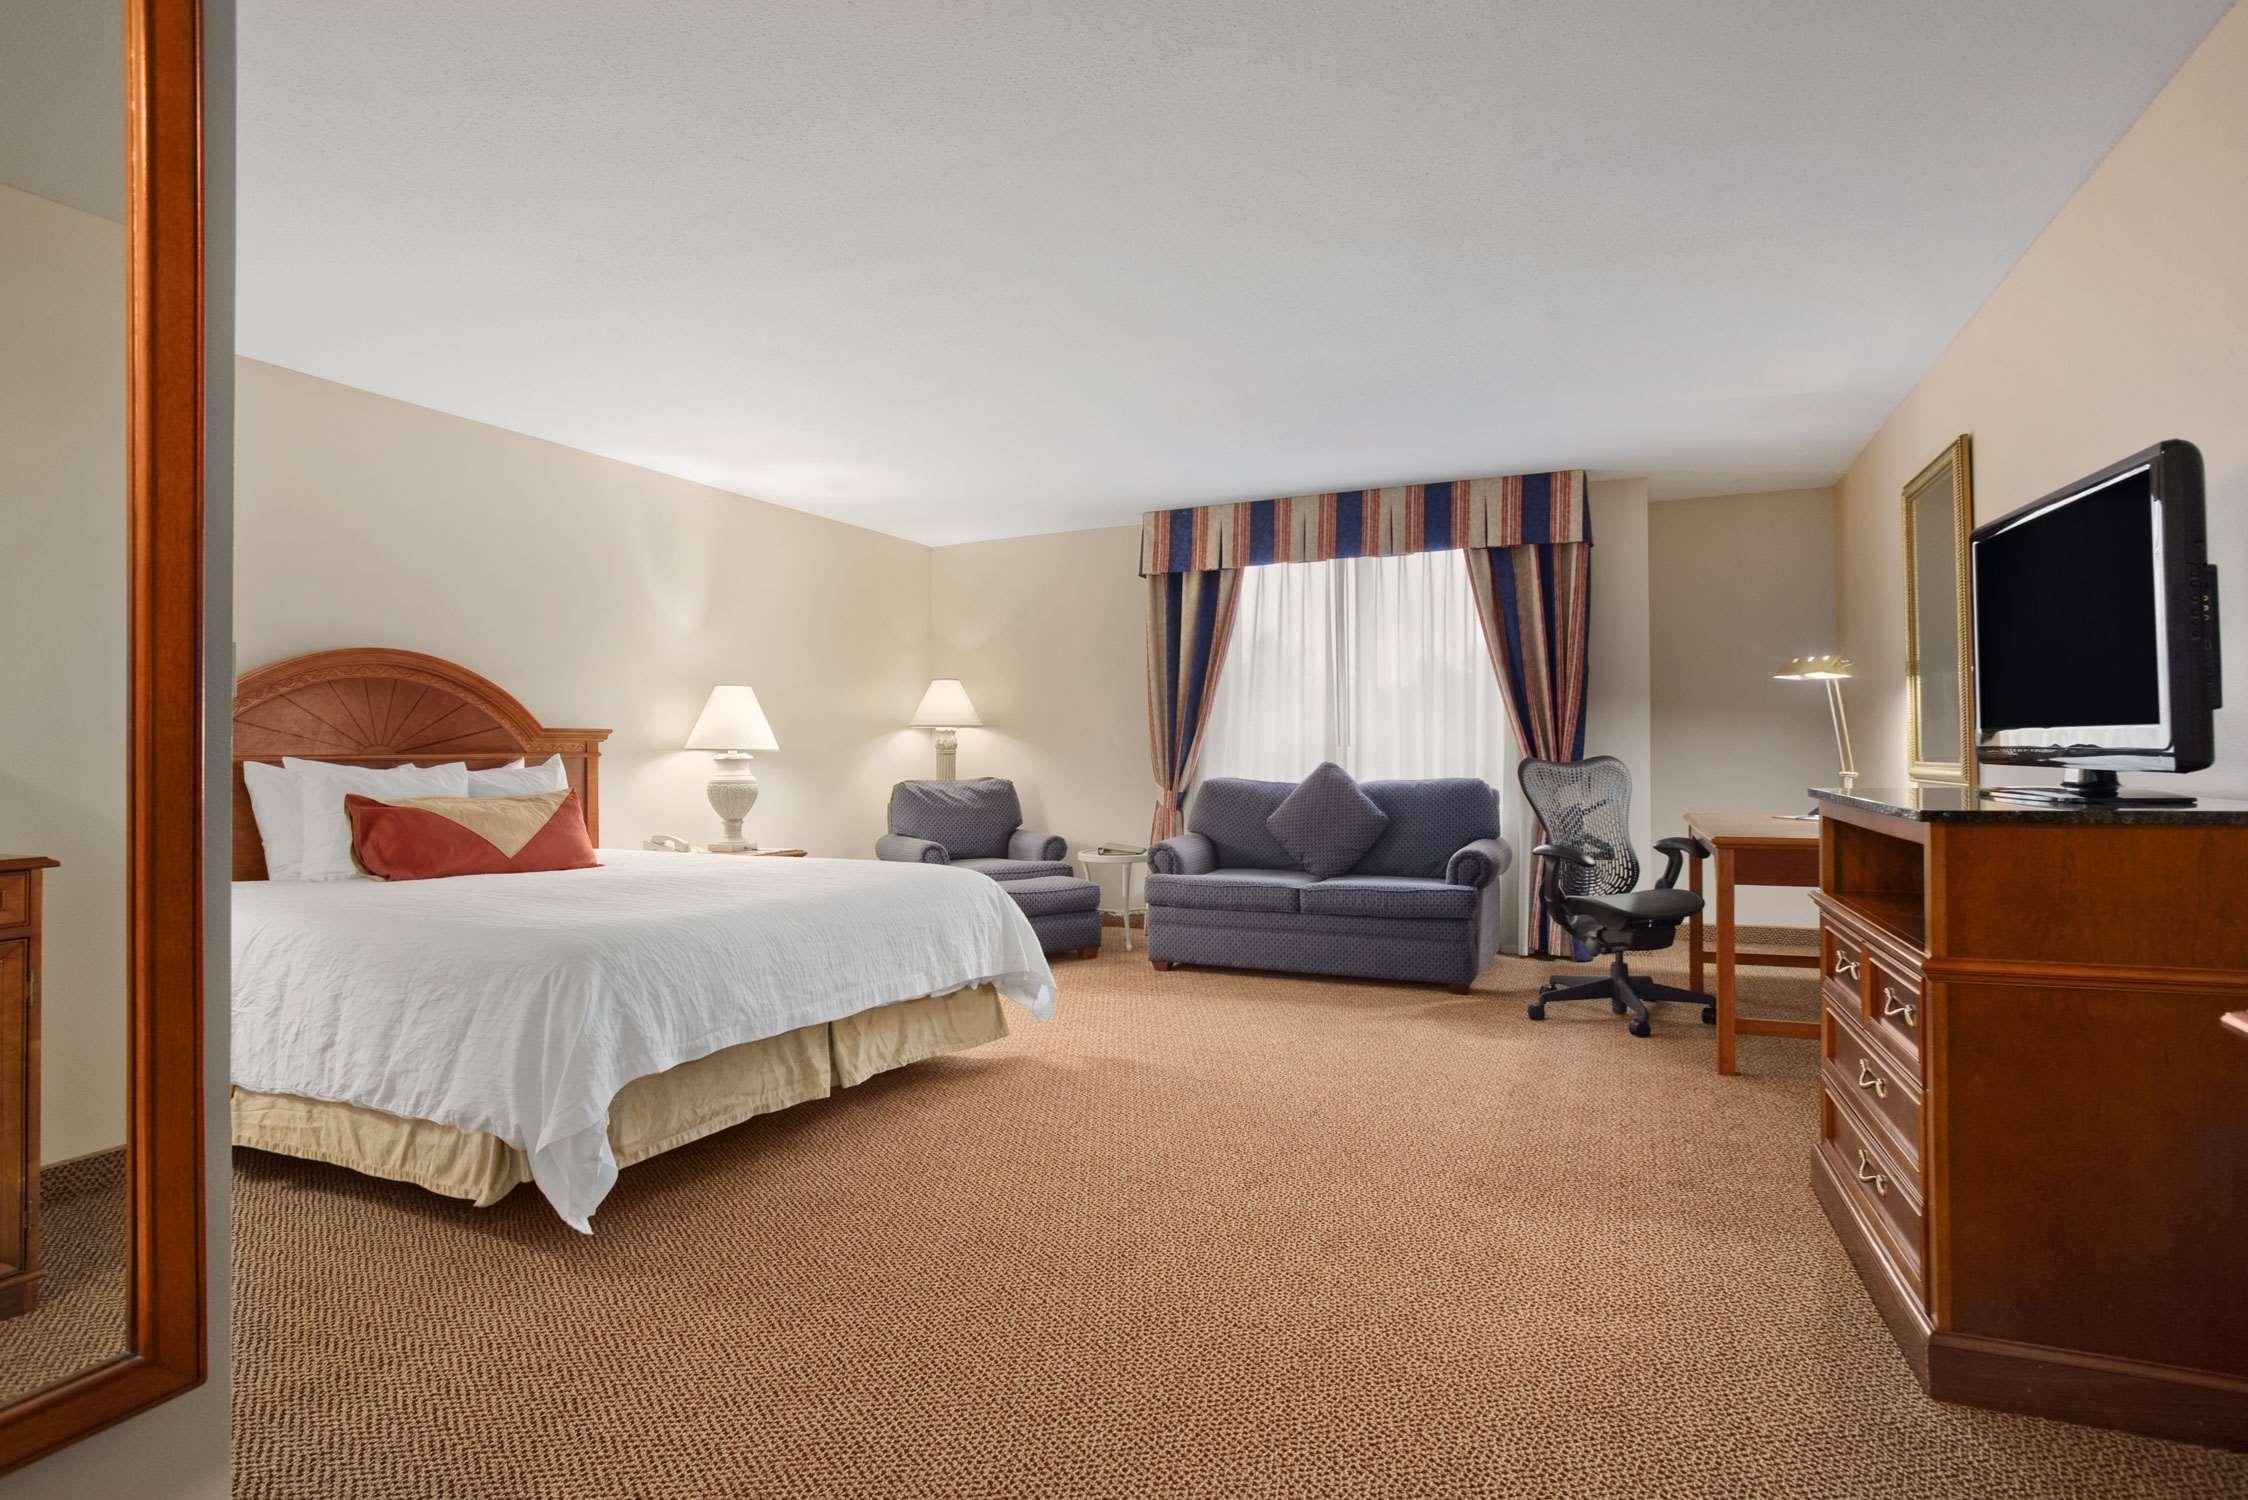 Hilton Garden Inn Syracuse image 13